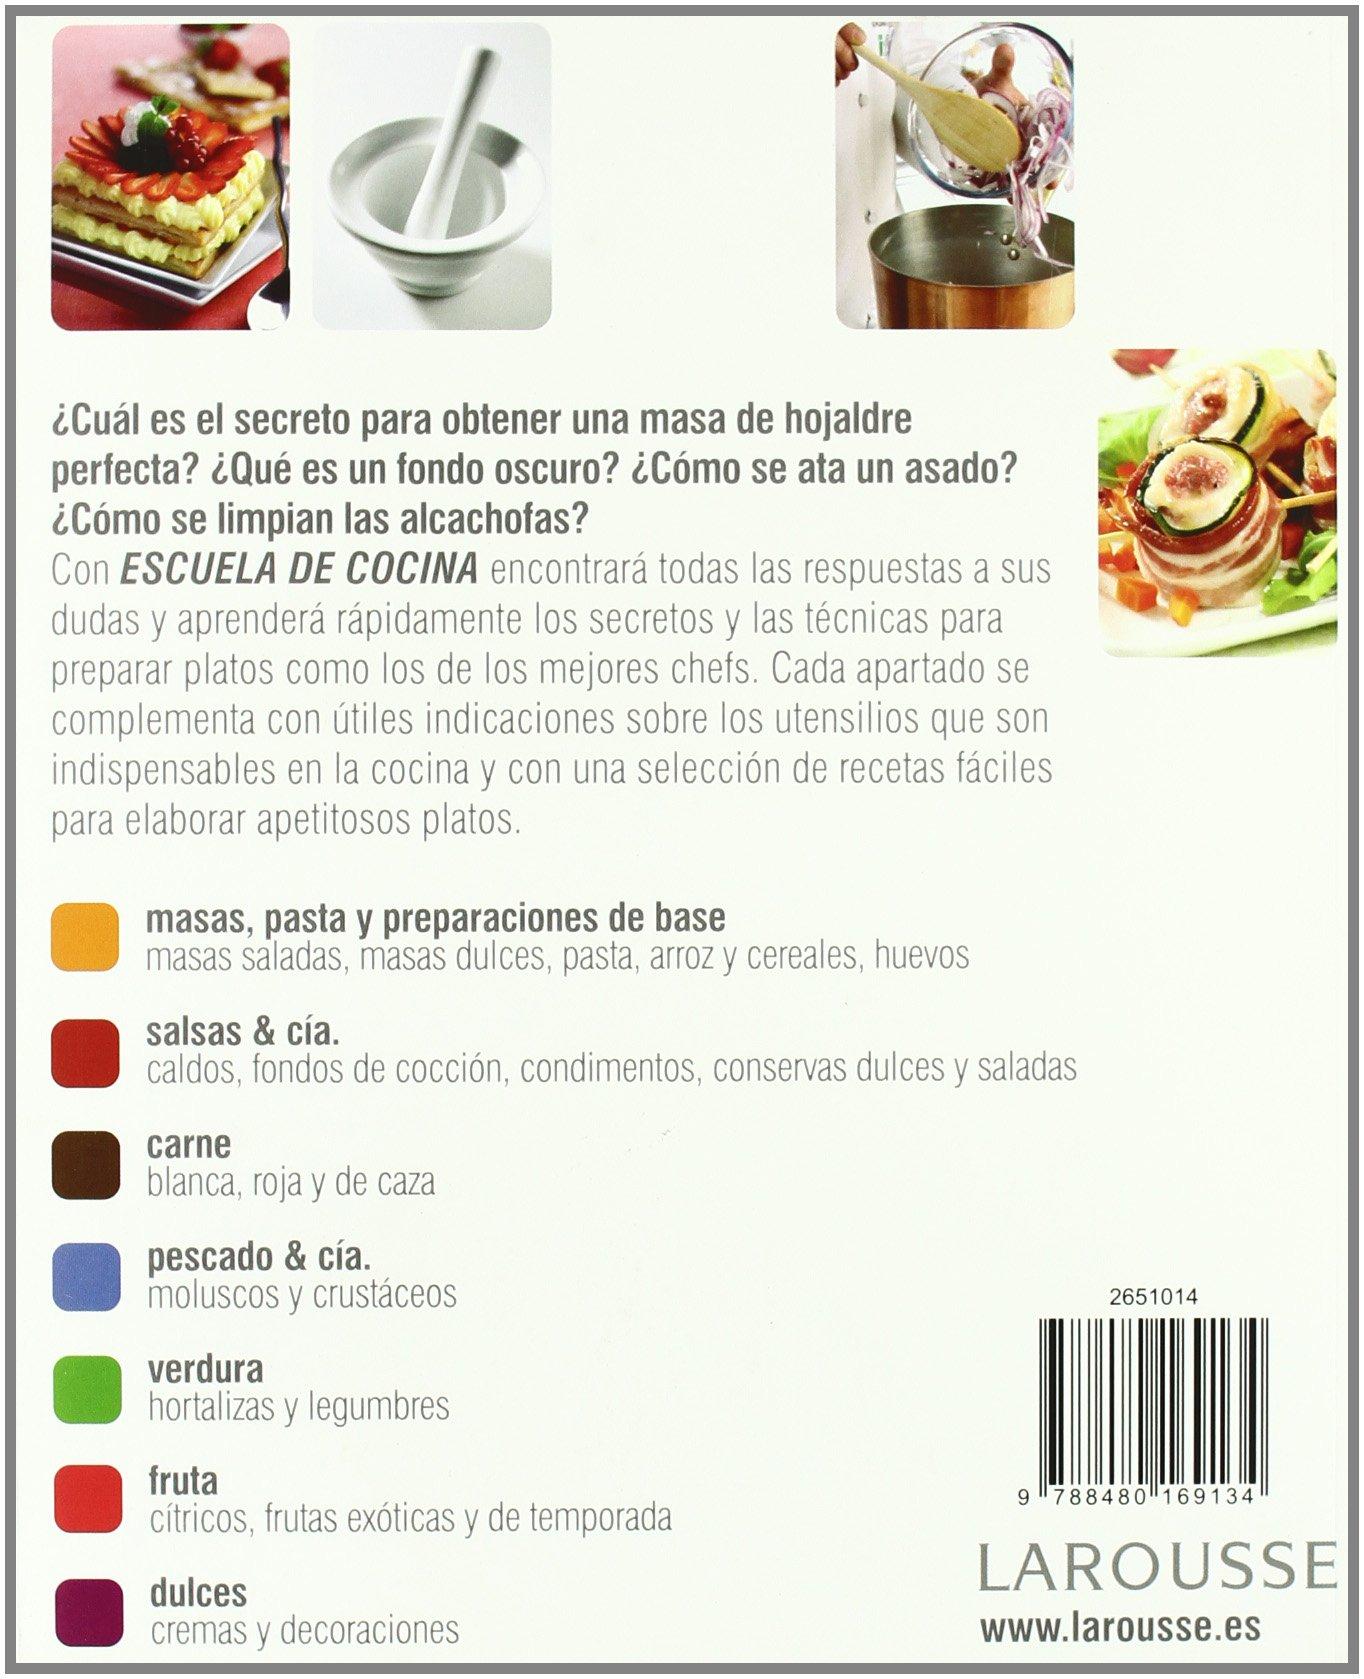 Escuela de cocina / Cooking School: Utensilios, tecnicas, recetas y preparaciones de base, ilustradas a paso a paso / Utensils, Techniques, Recipes, .